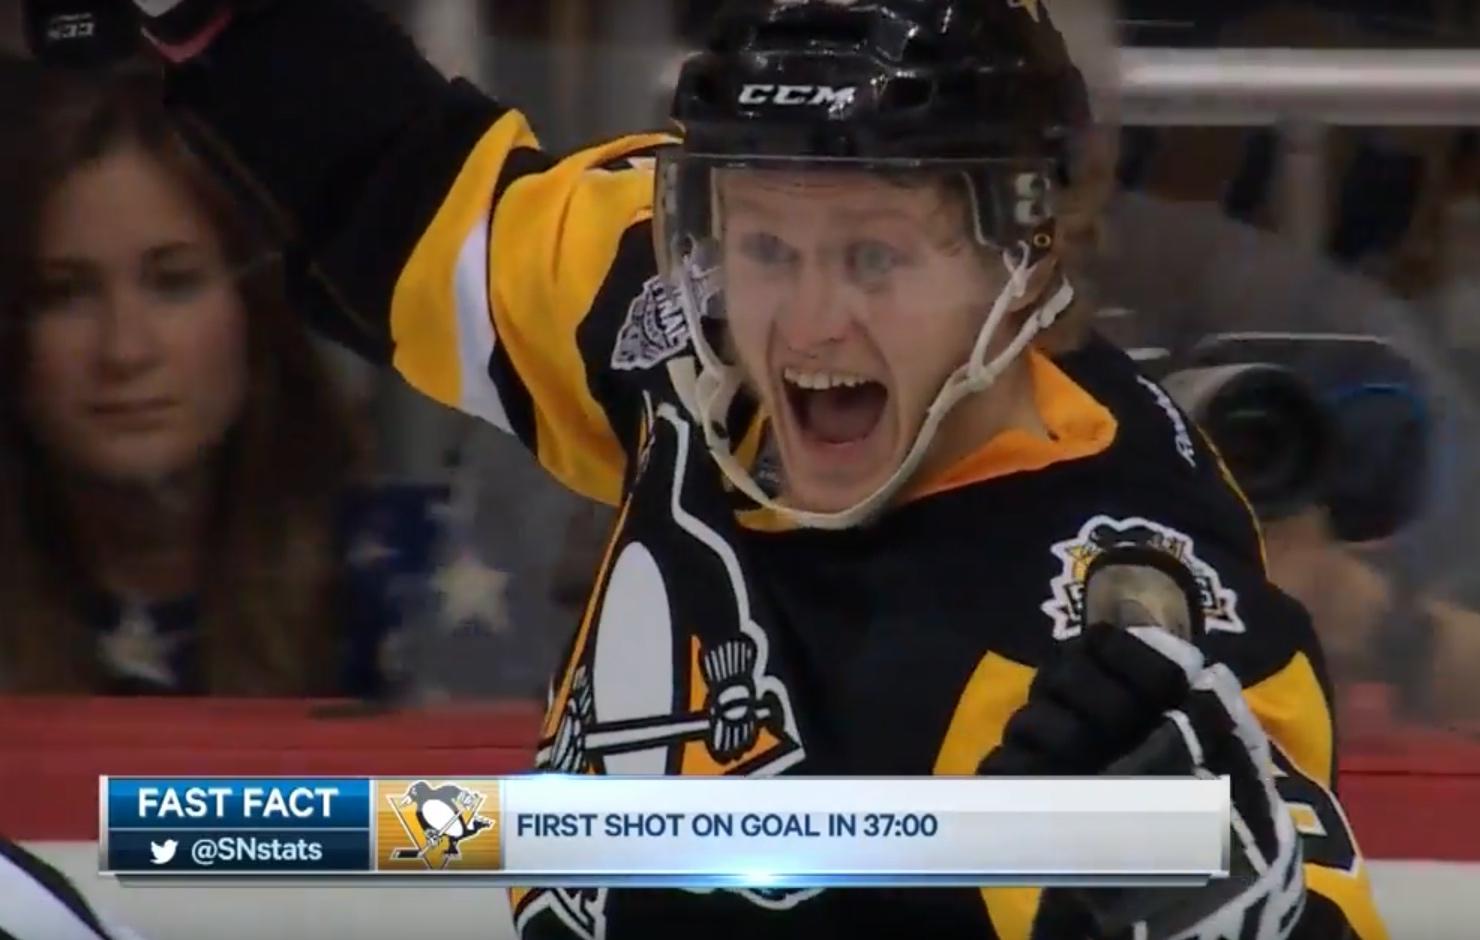 Video: Penguins vei ensimmäisen - Rinteen finaaliavauksesta painajainen   Laitataklaus.com